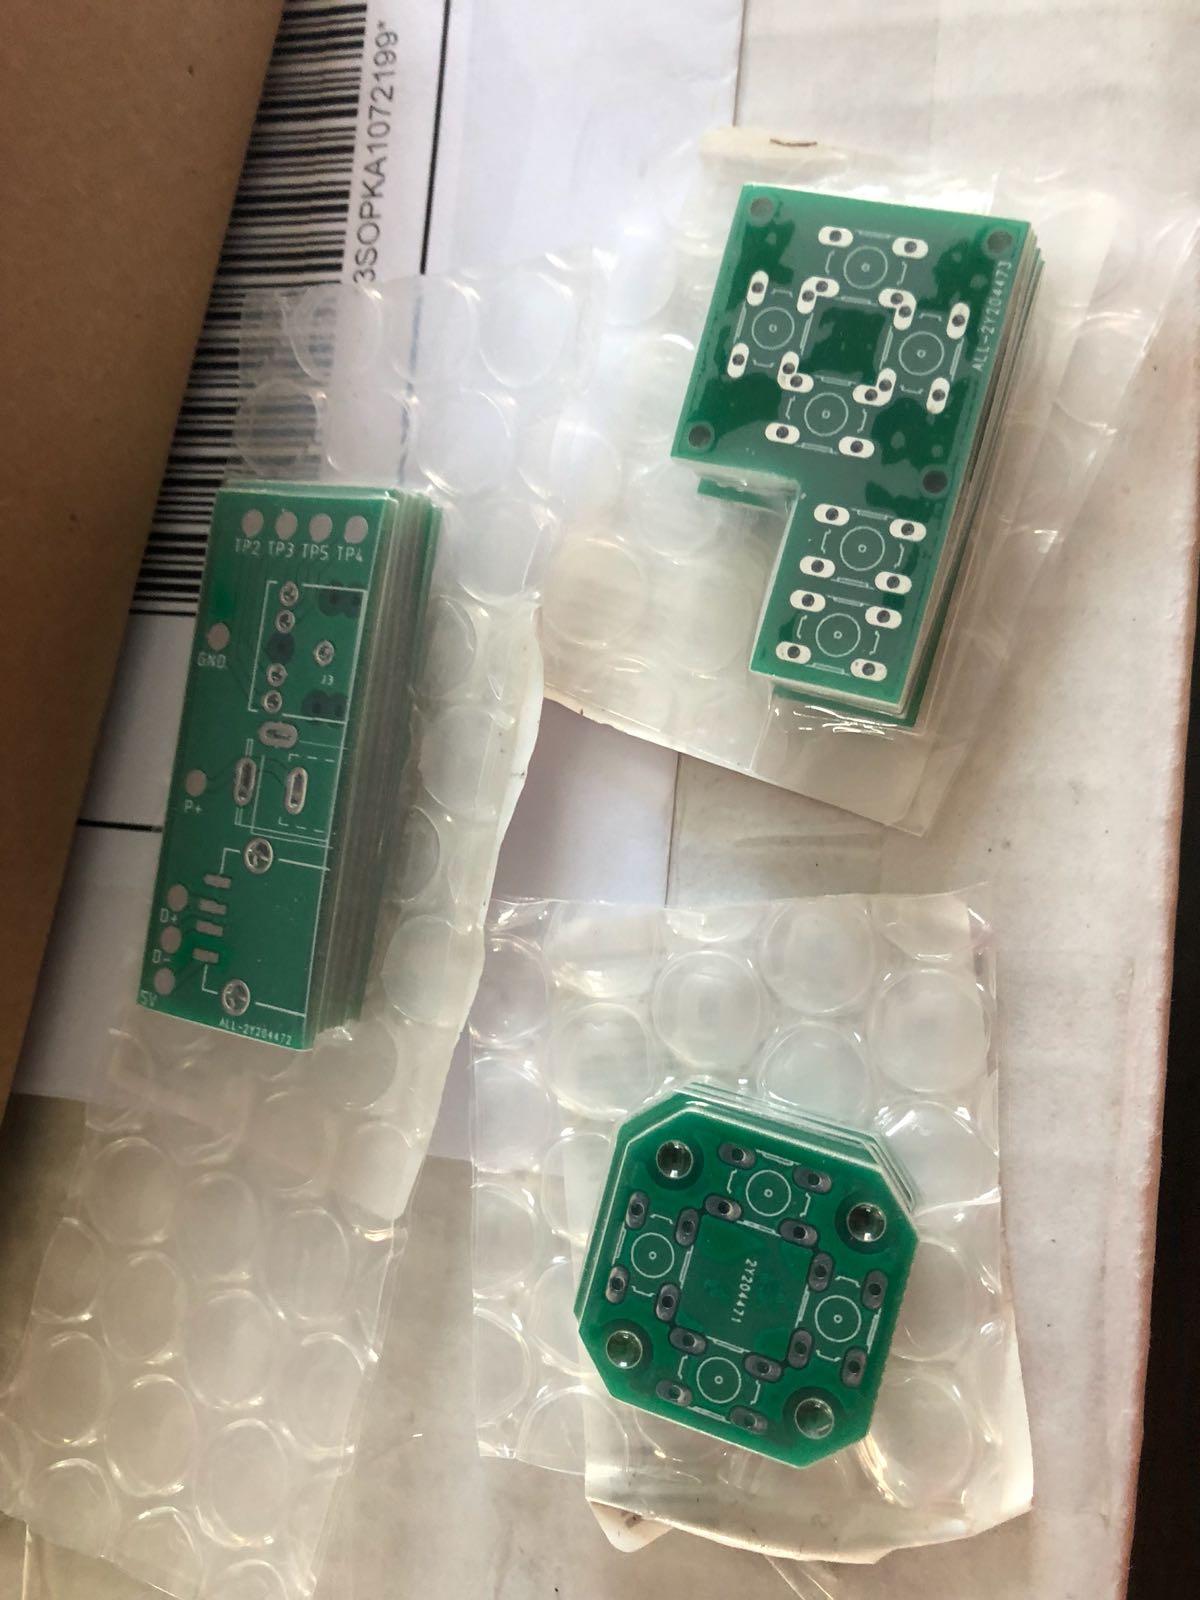 c9d6c8ea-bdc5-4762-9830-8f99d6f2bc65.JPG